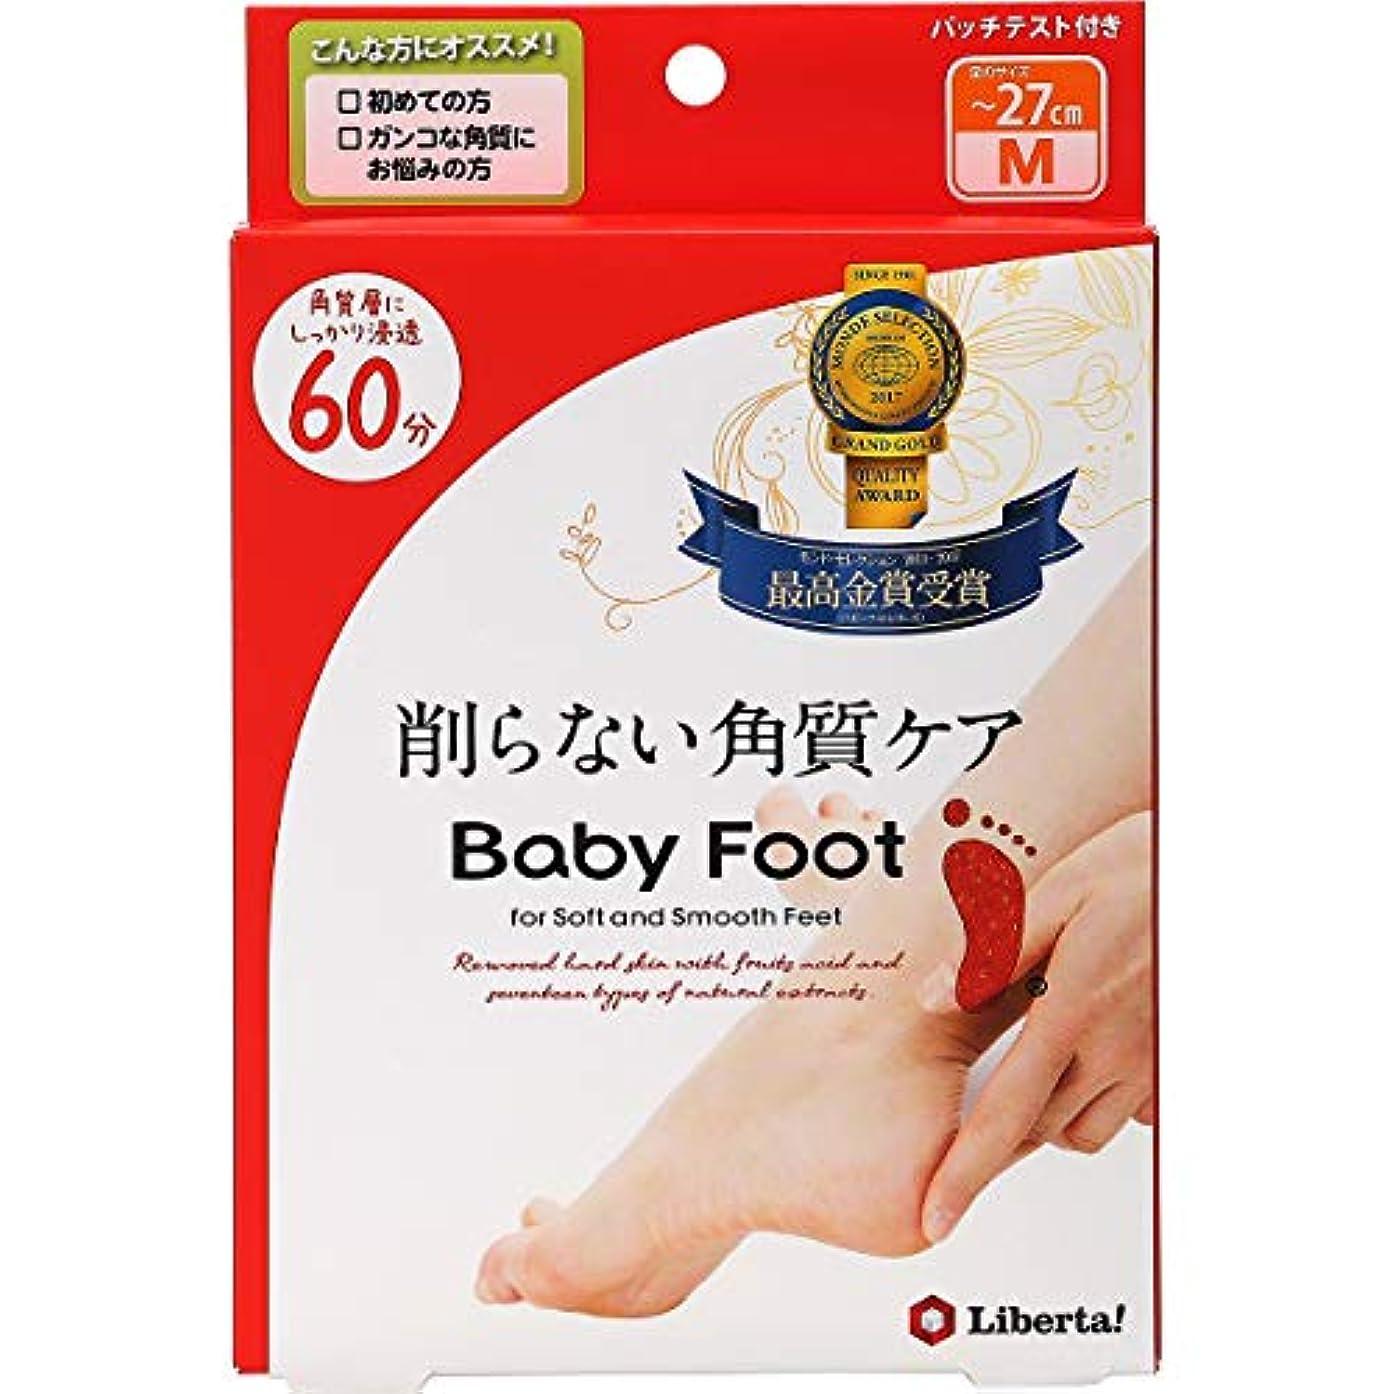 テレビ局他の日おんどりベビーフット (Baby Foot) ベビーフット イージーパック SPT60分タイプ Mサイズ 単品